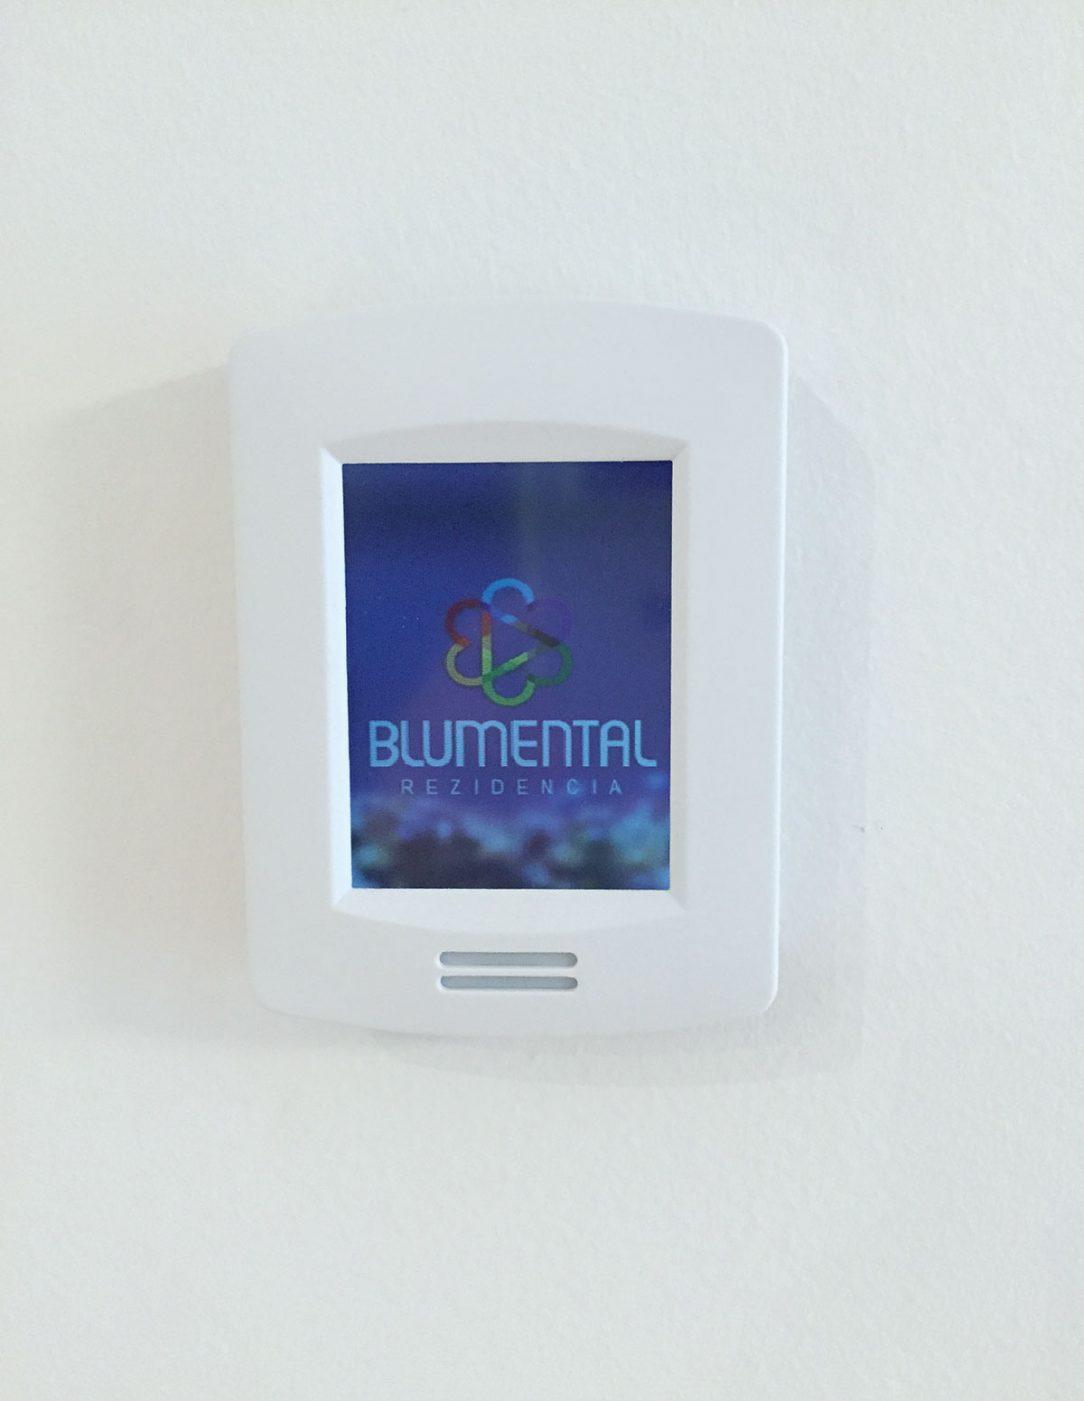 Obr. 7 Zónovú reguláciu v priestoroch riešia priestorové termostaty so snímaním teploty a vlhkosti na lokálne riadenie požadovanej teploty užívateľom.